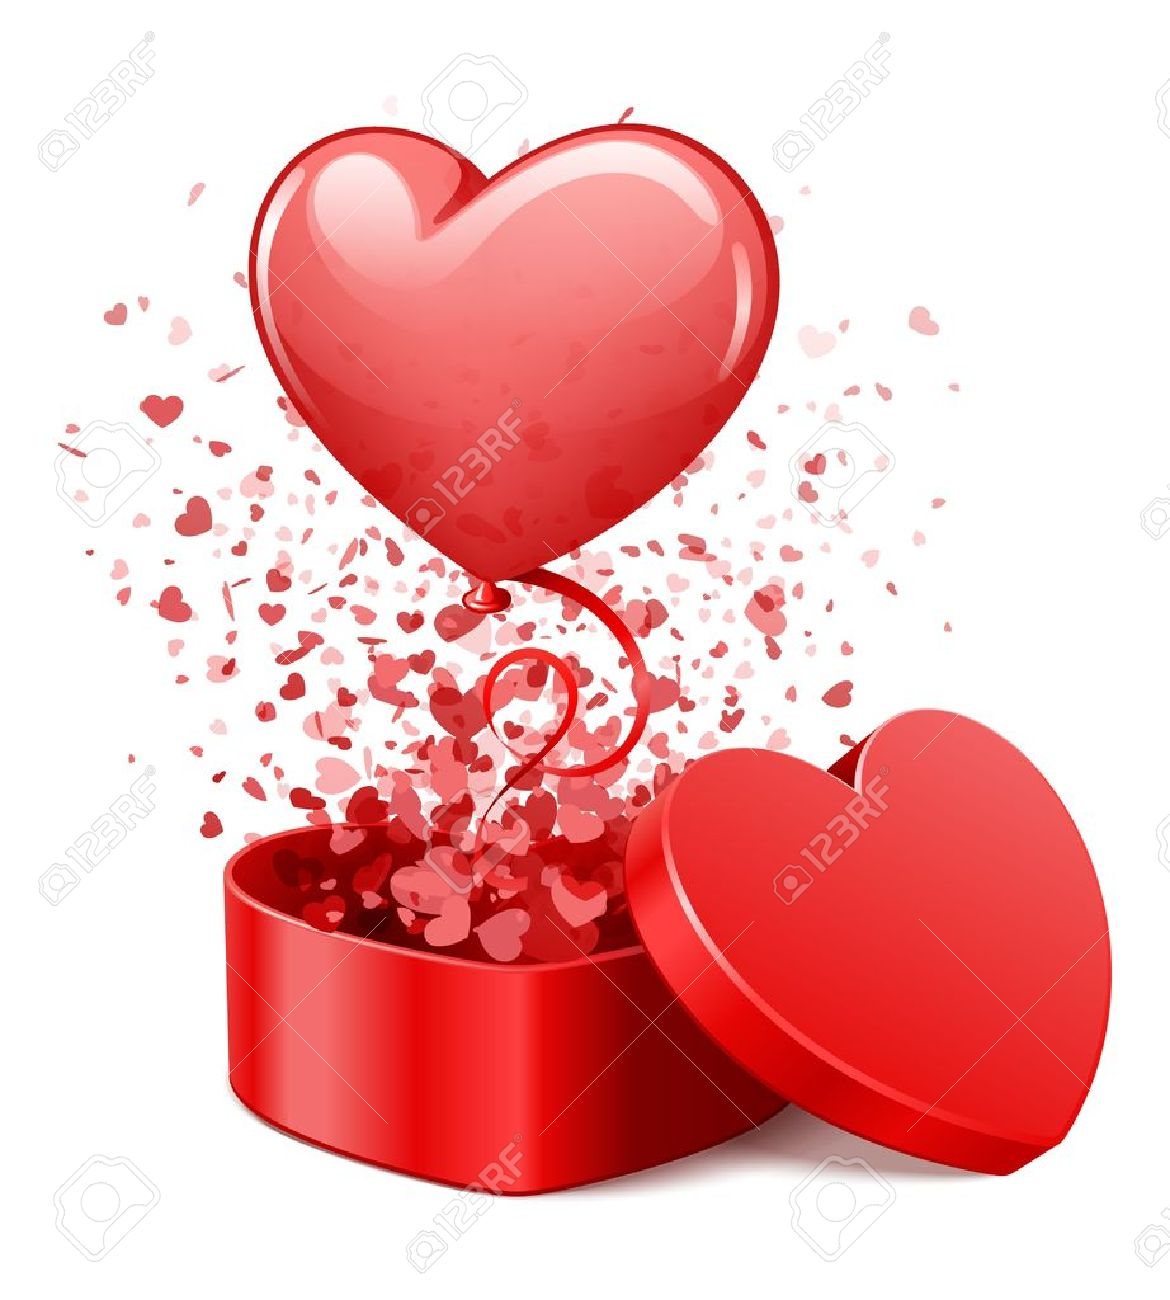 Image Avec Des Coeur présente cadeau coeur avec des coeurs et des mouches illustration